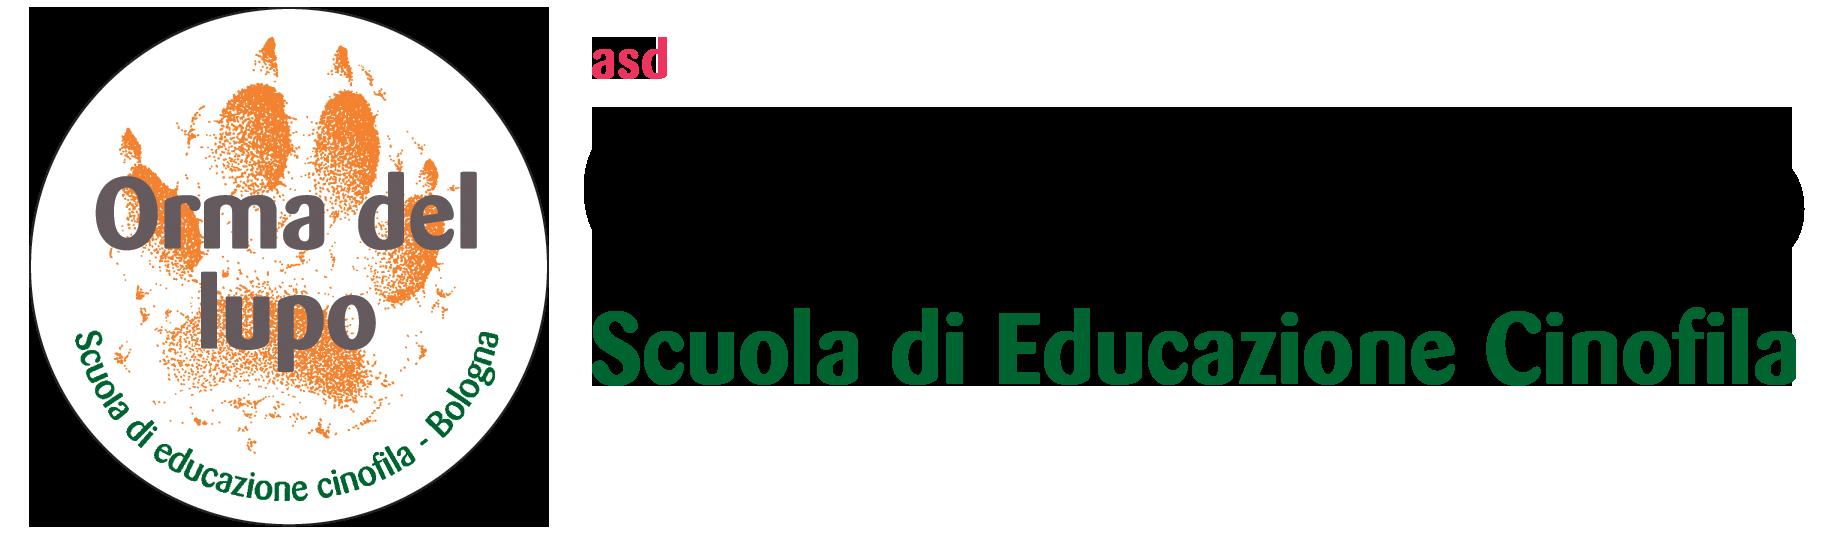 asd ORMA DEL LUPO – Scuola di Educazione Cinofila – BOLOGNA